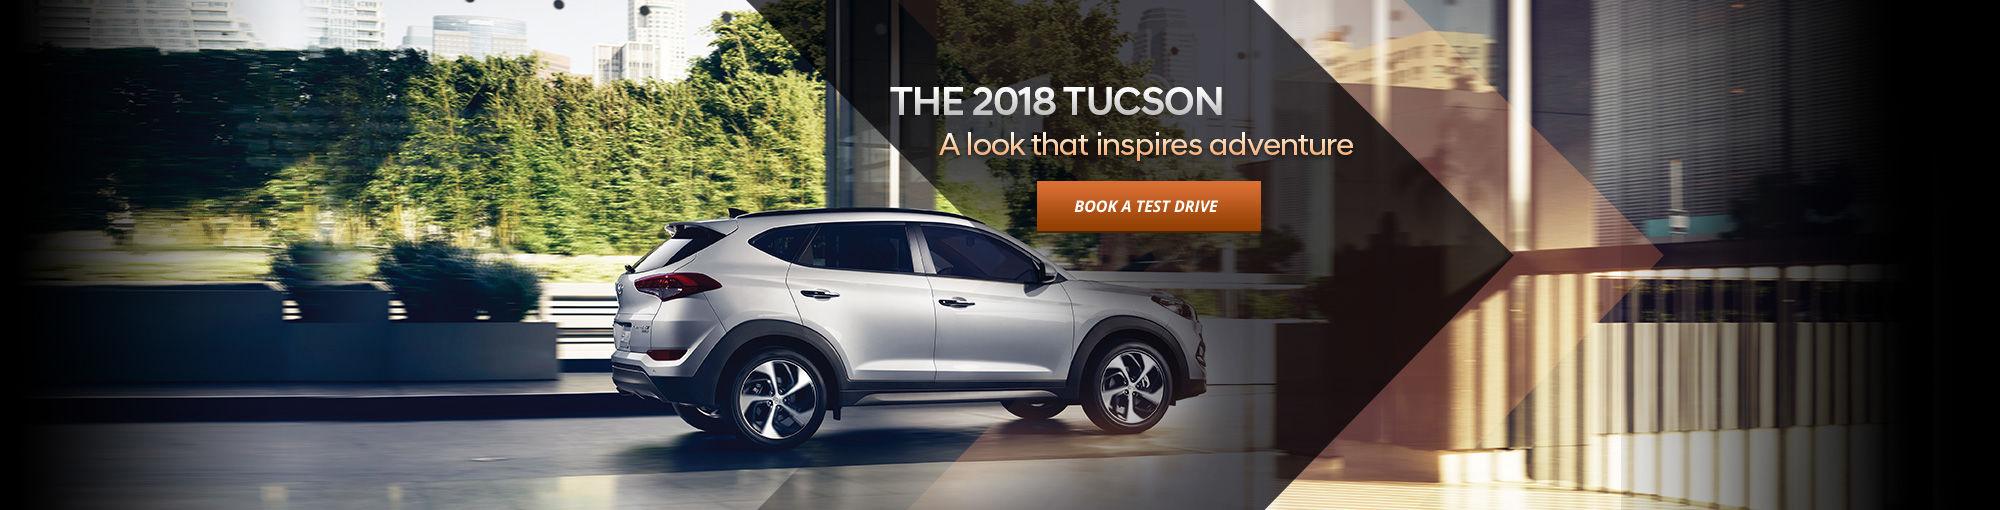 2018 Tucson